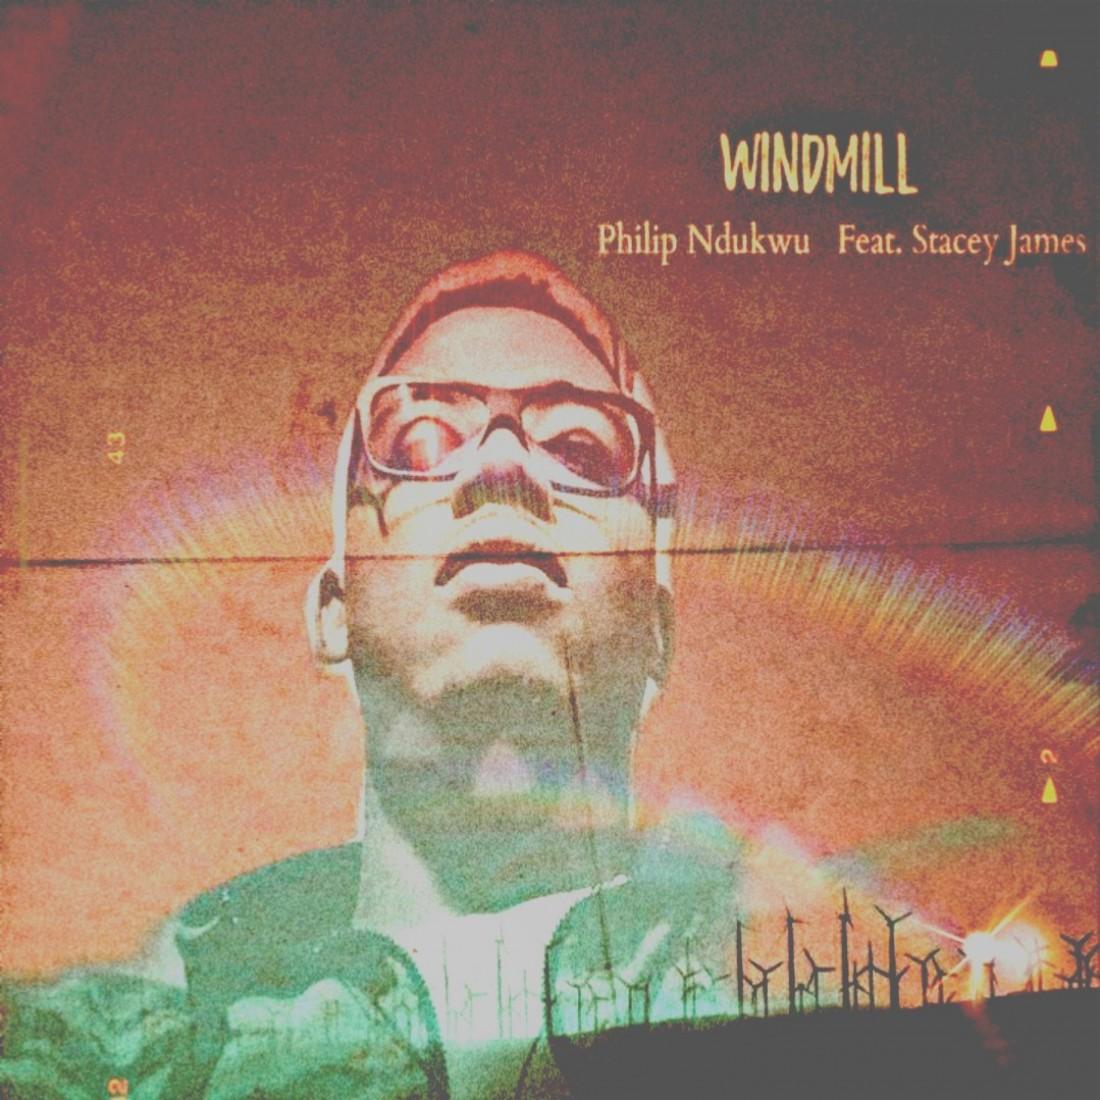 Philip Ndukwu